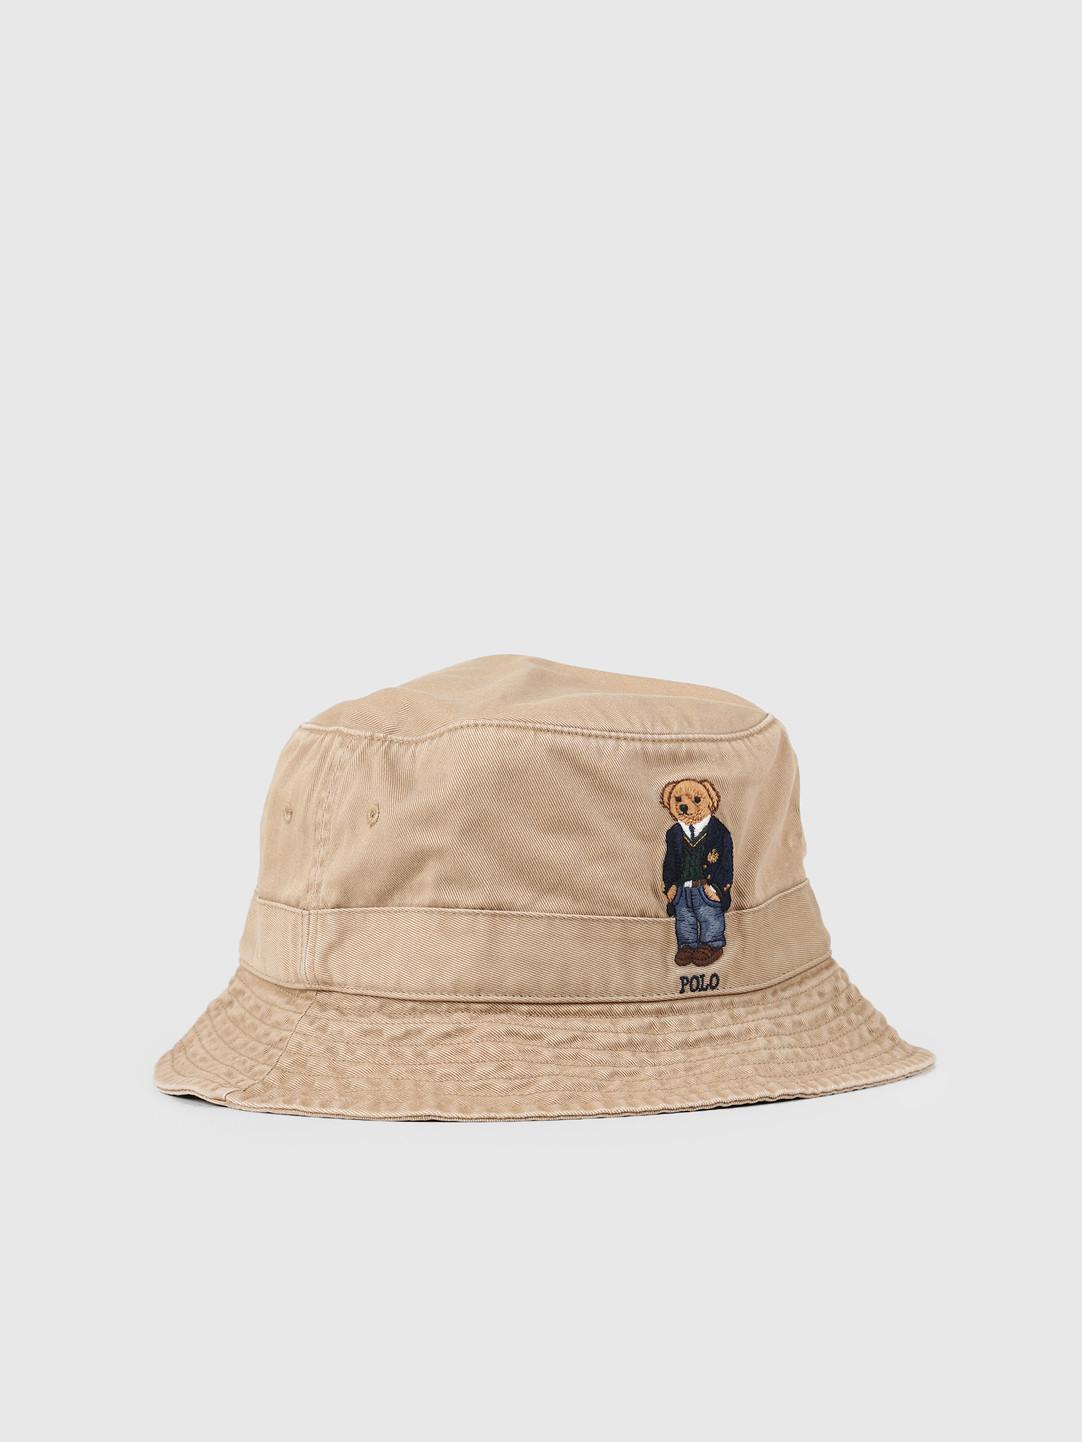 Polo Beige Loft Bucket Hat Lauren Bear Khaki Ralph 710765087001 Jc3uTF1K5l